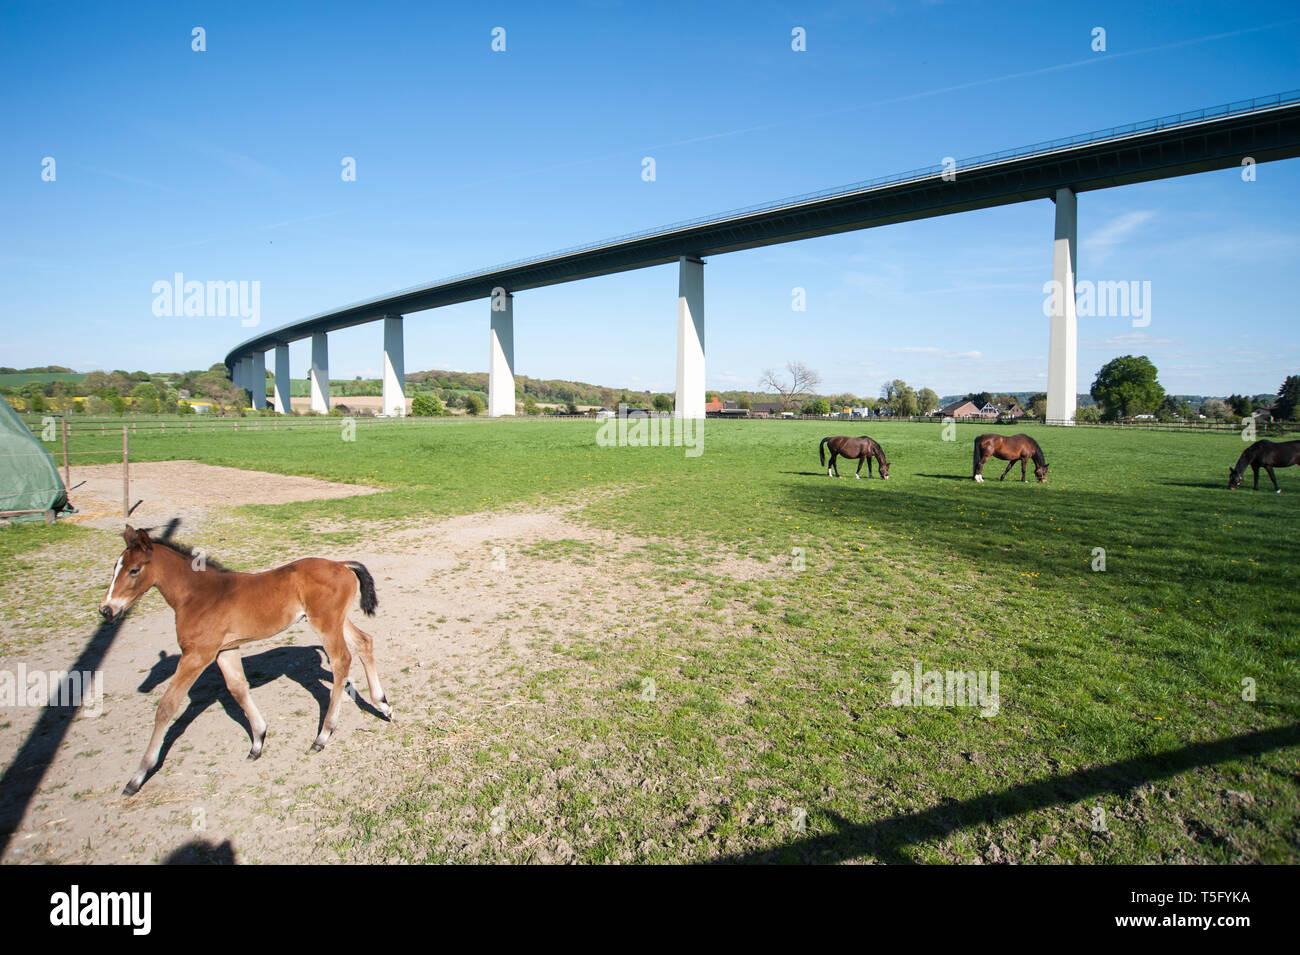 Eine Gruppe von Pferden mit eunem Fohlen weidet unter der Ruhrtalbruecke im Ruhrtal bei Mülheim Mintard. Das Fohlen laeuft im Vordergrund aus dem Bild - Stock Image